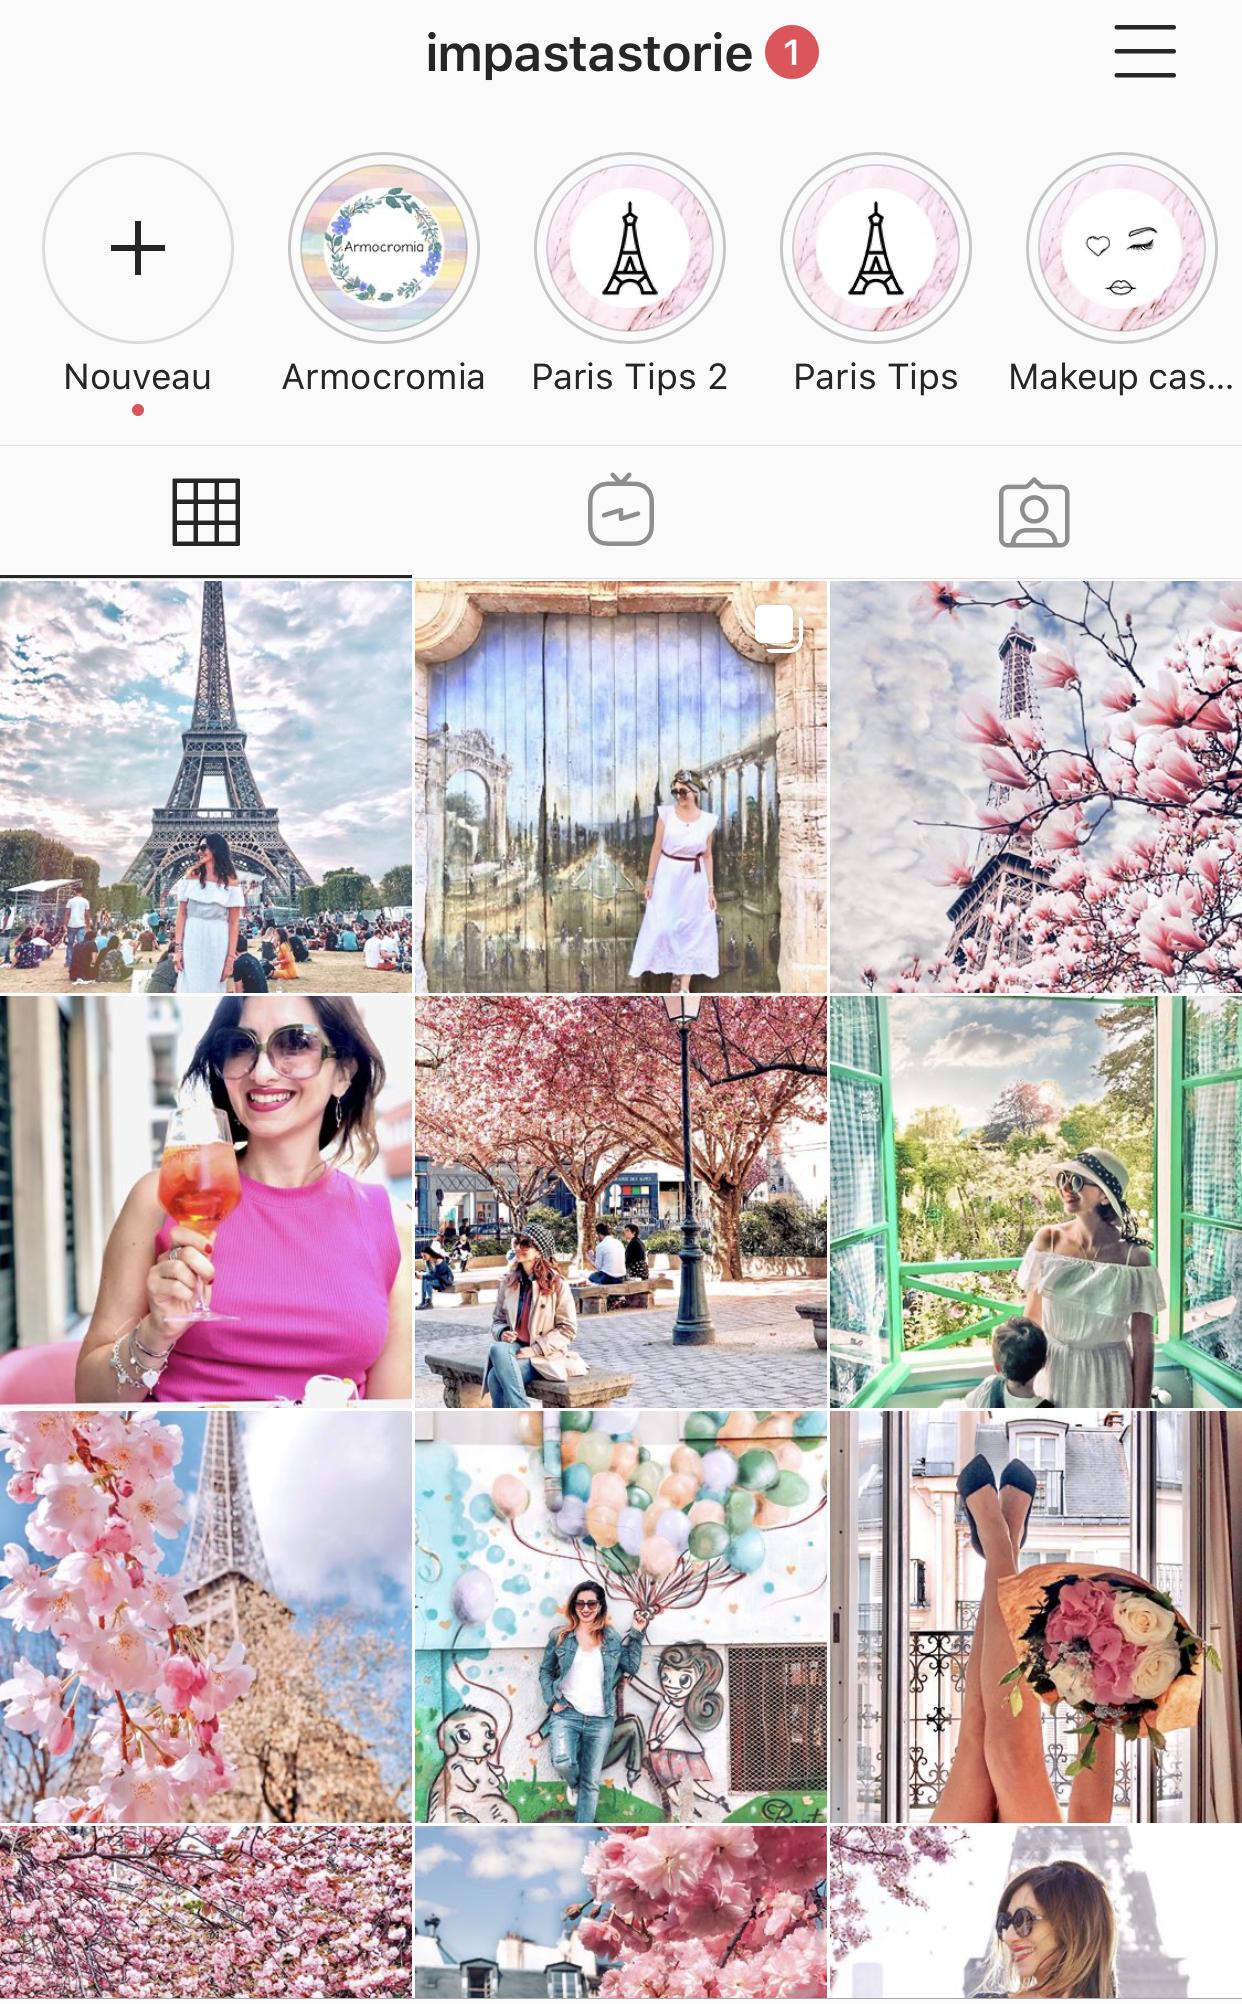 Crescere su instagram, instagram grow, instagram tips, impastastorie bistrot